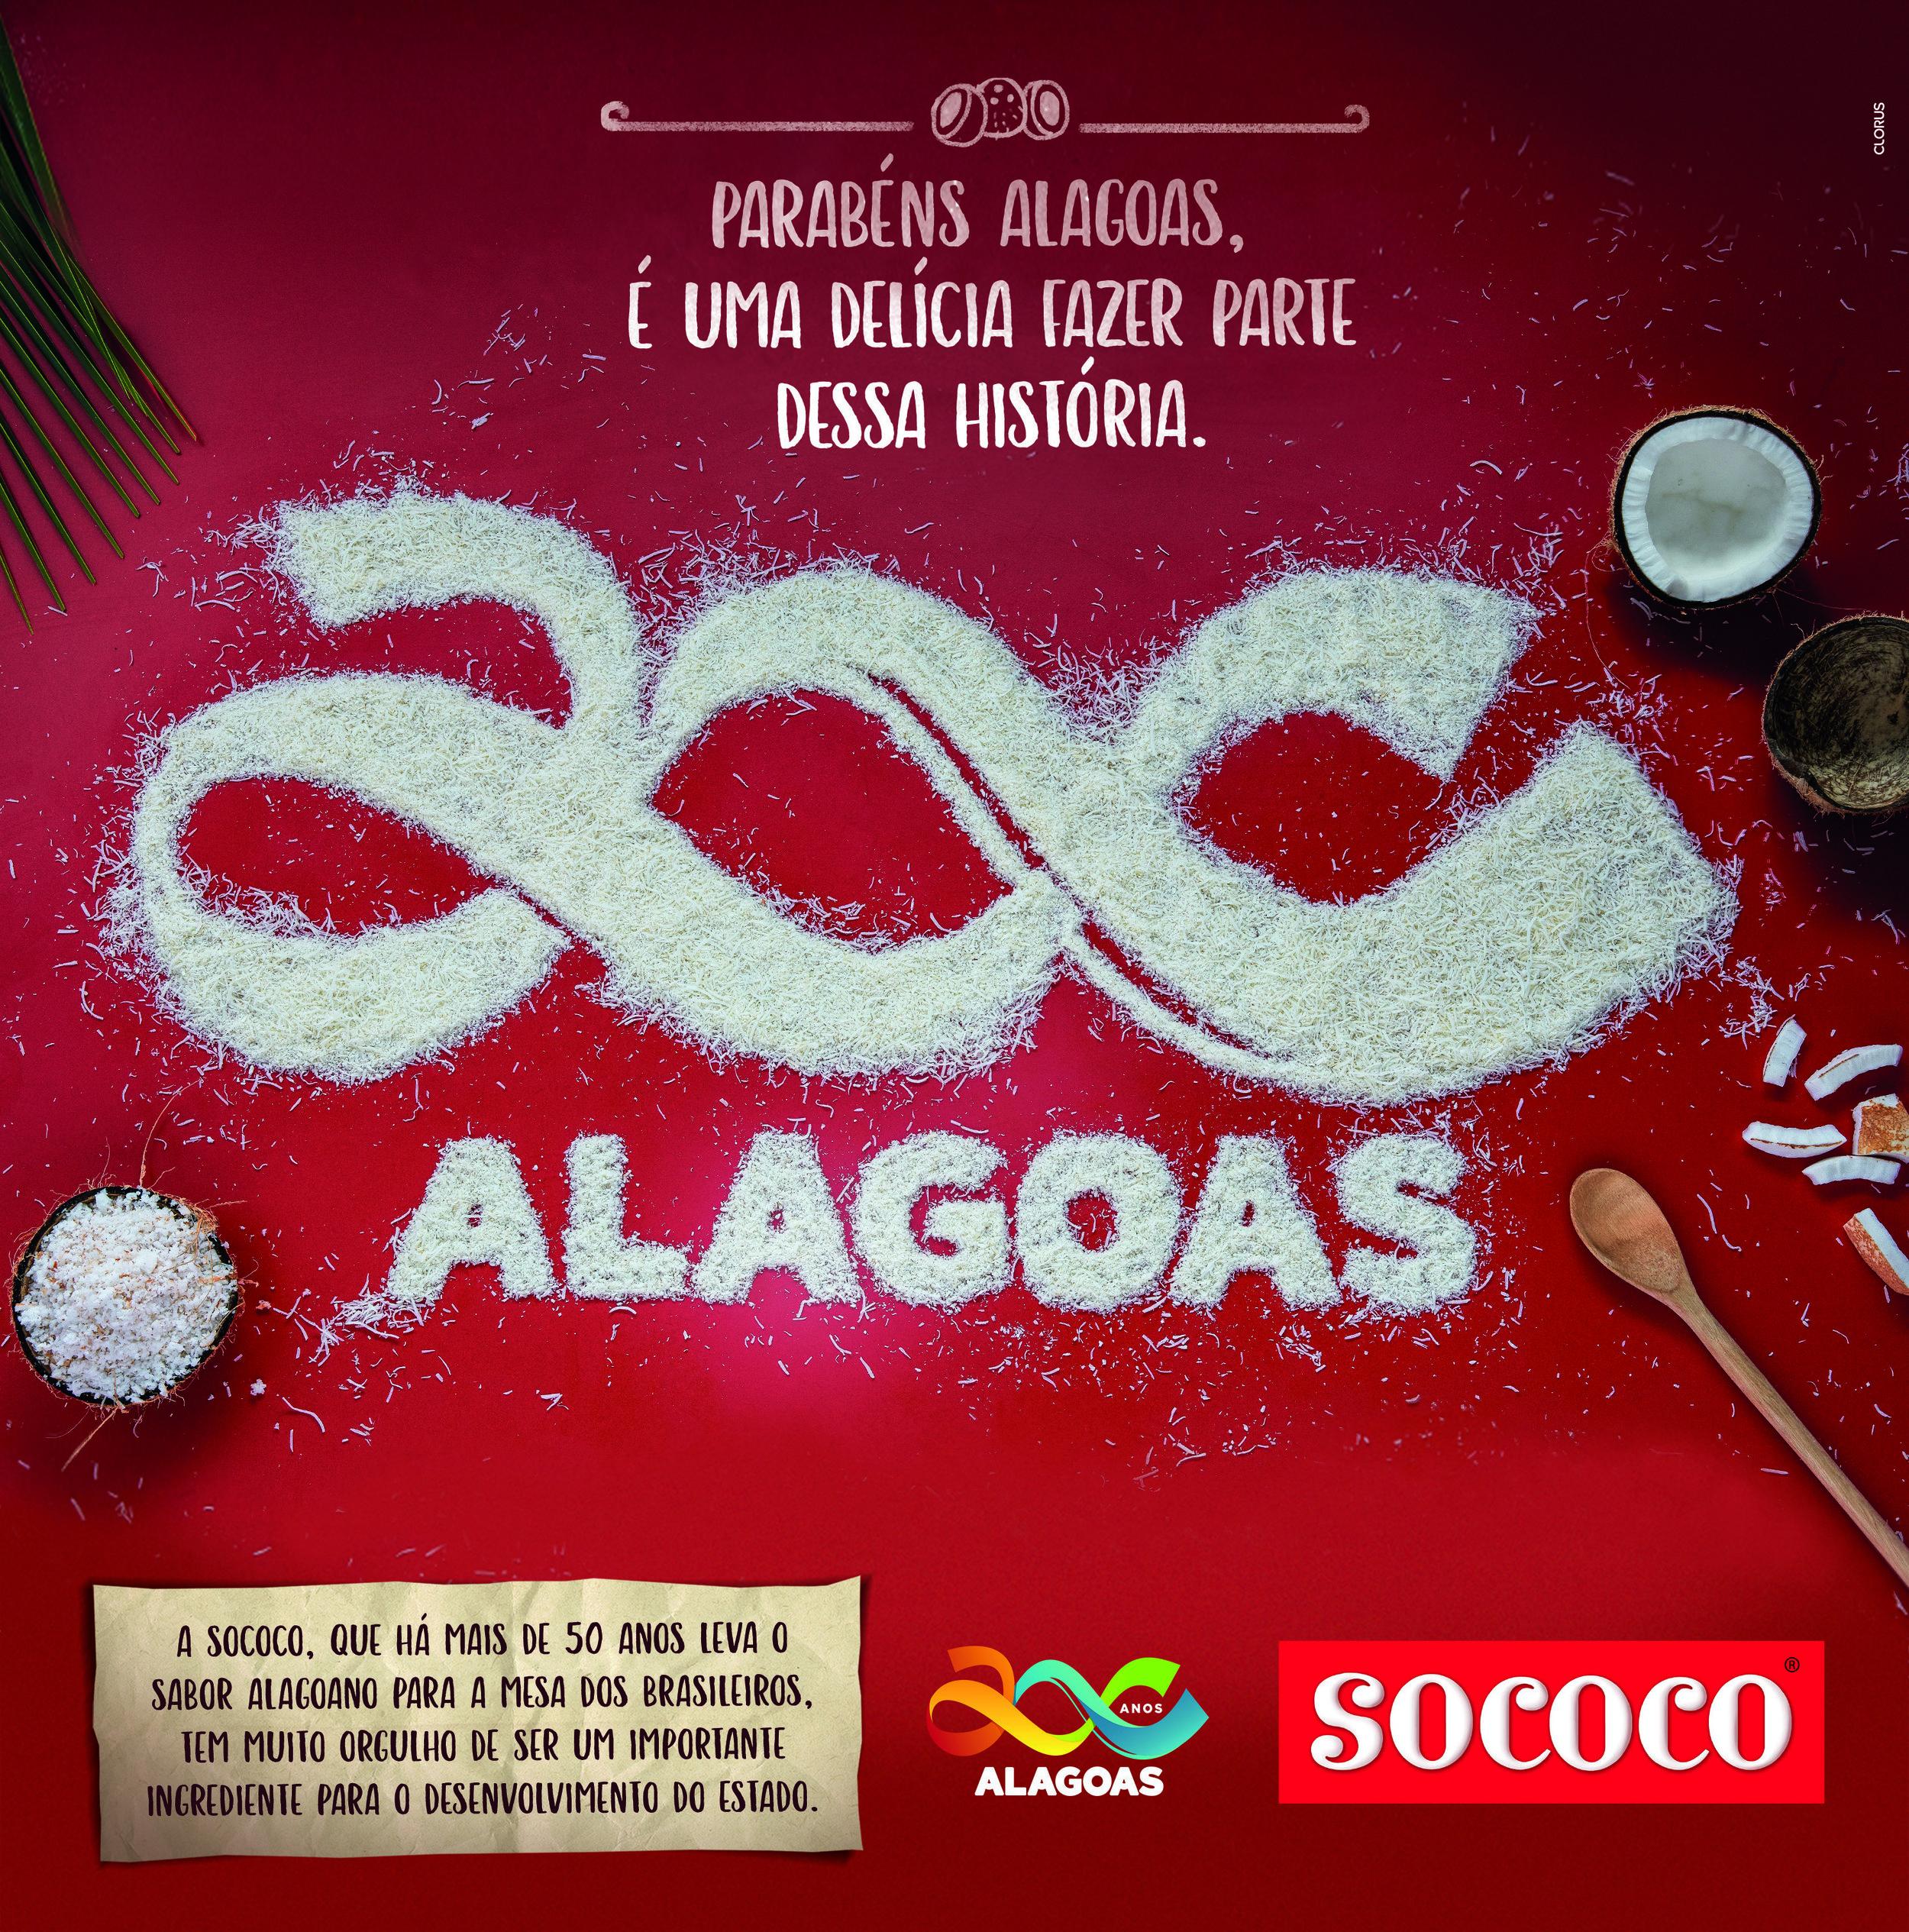 SOCOCO - 200 ANOS ALAGOAS - Anuìncio meia-pag Gazeta.jpg